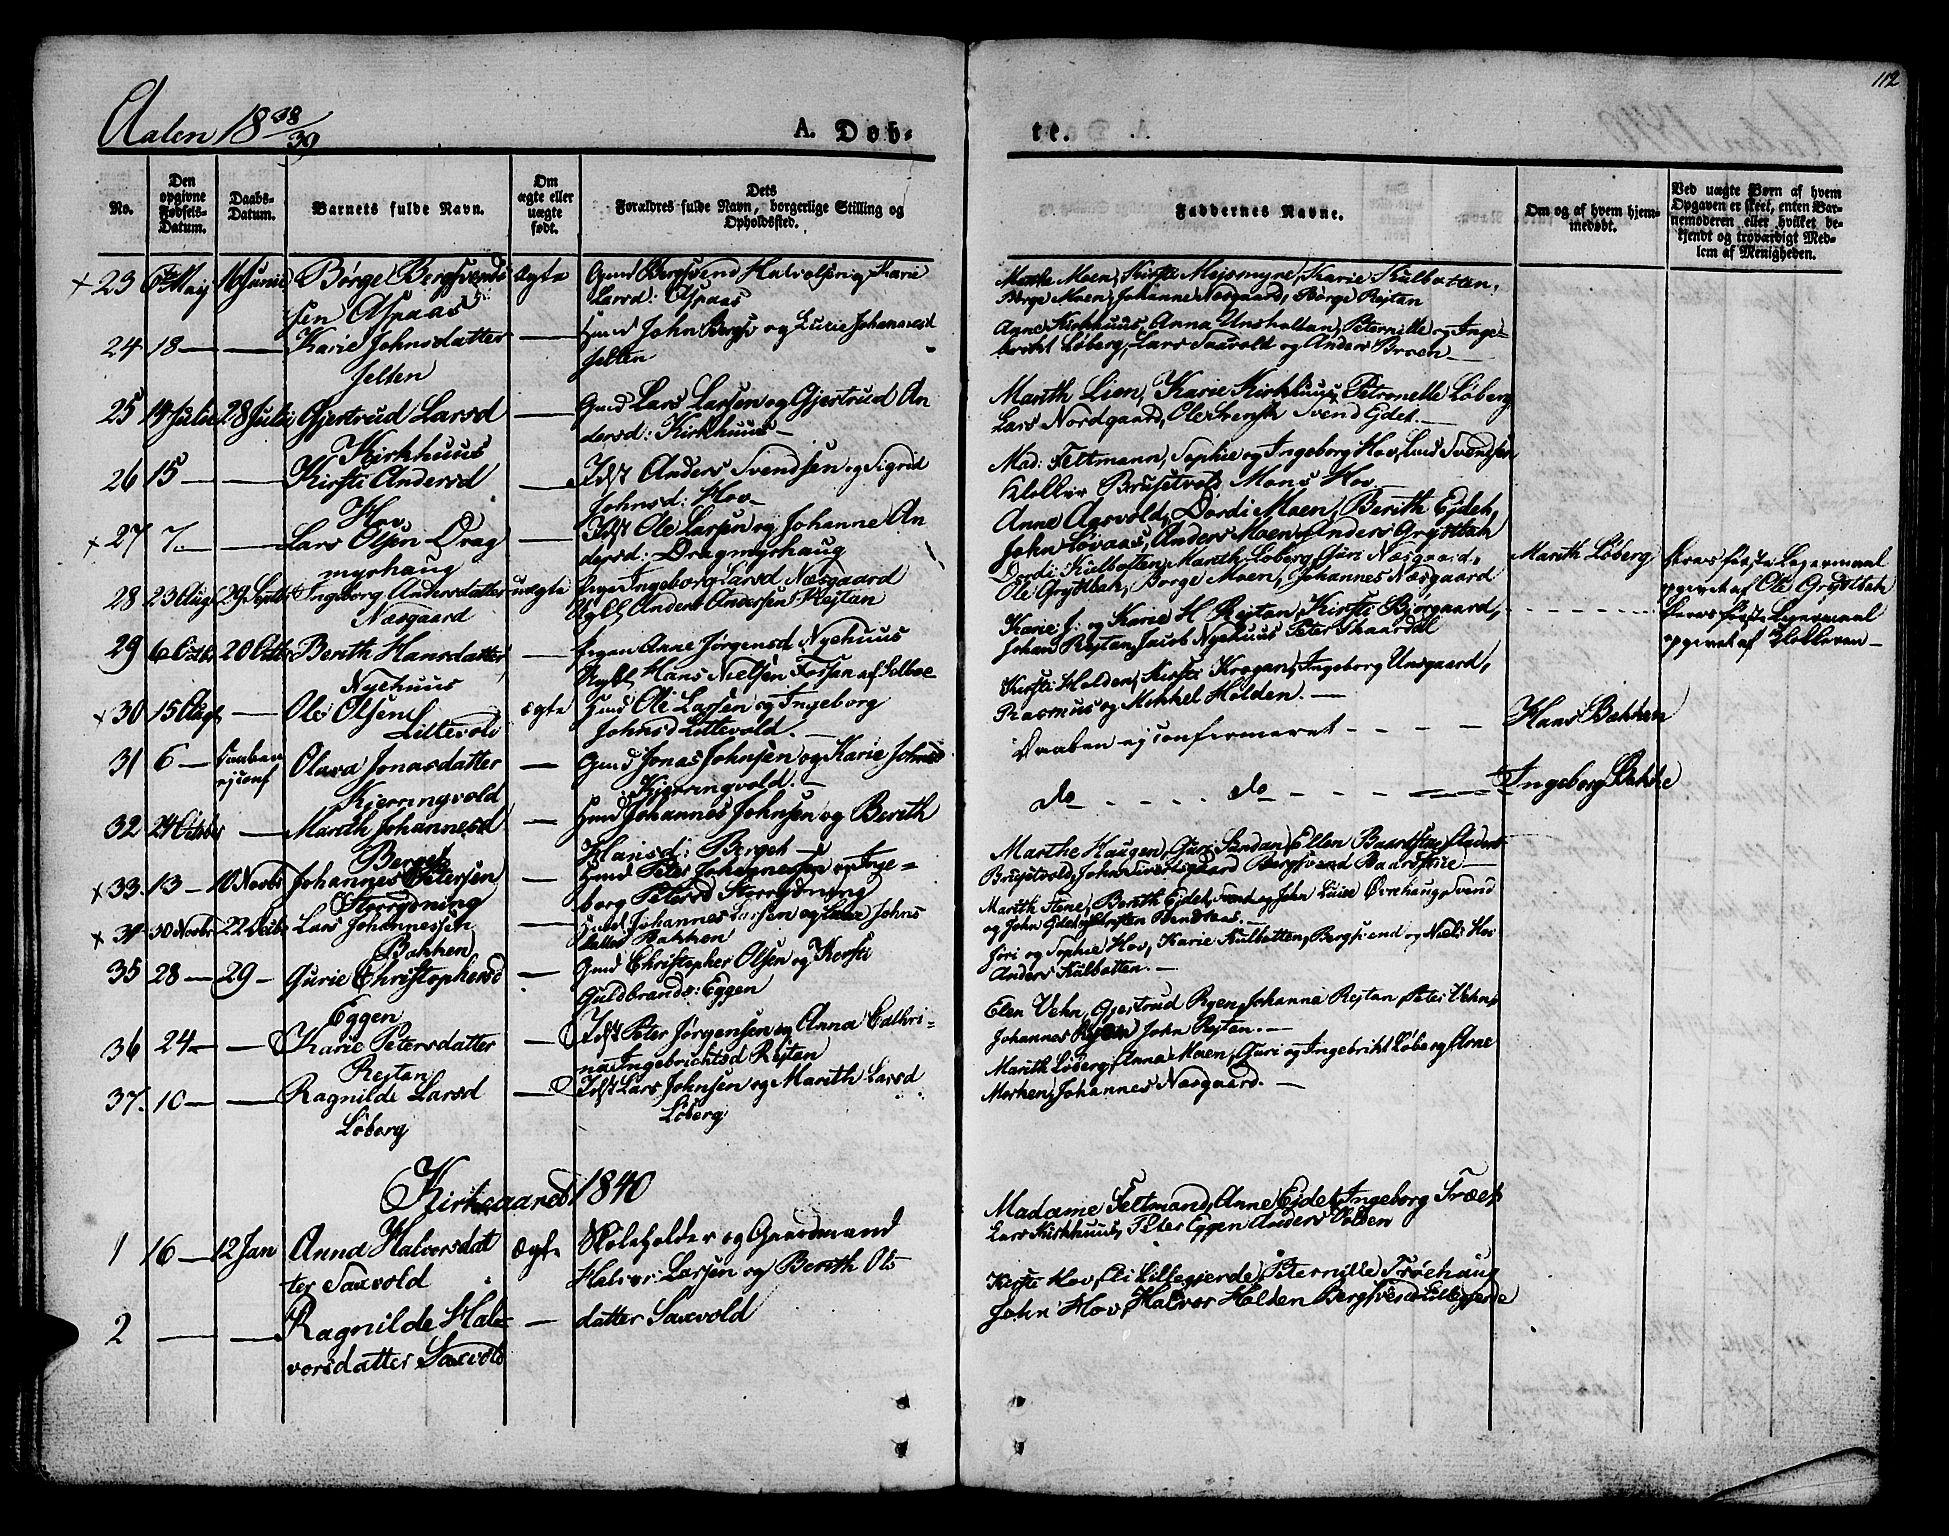 SAT, Ministerialprotokoller, klokkerbøker og fødselsregistre - Sør-Trøndelag, 685/L0959: Ministerialbok nr. 685A04 /3, 1829-1845, s. 112